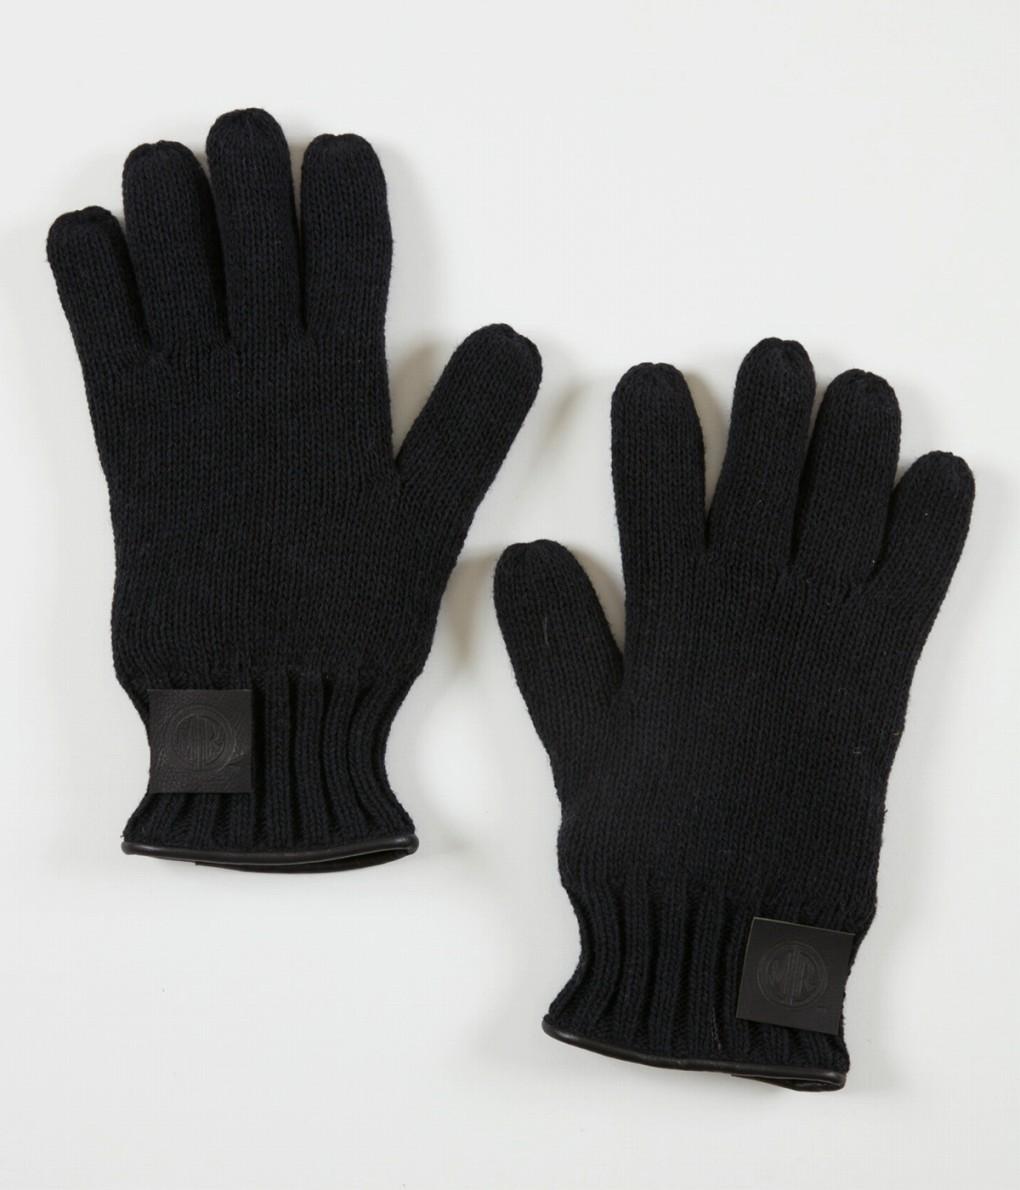 正規取扱 至上 3980円以上で送料無料 昼12時30分までの注文で即日発送 MOUT RECON TAILOR マウトリーコンテーラー : 手袋 即出荷 ニット REA グローブ MUS Knit gloves MOUT-018